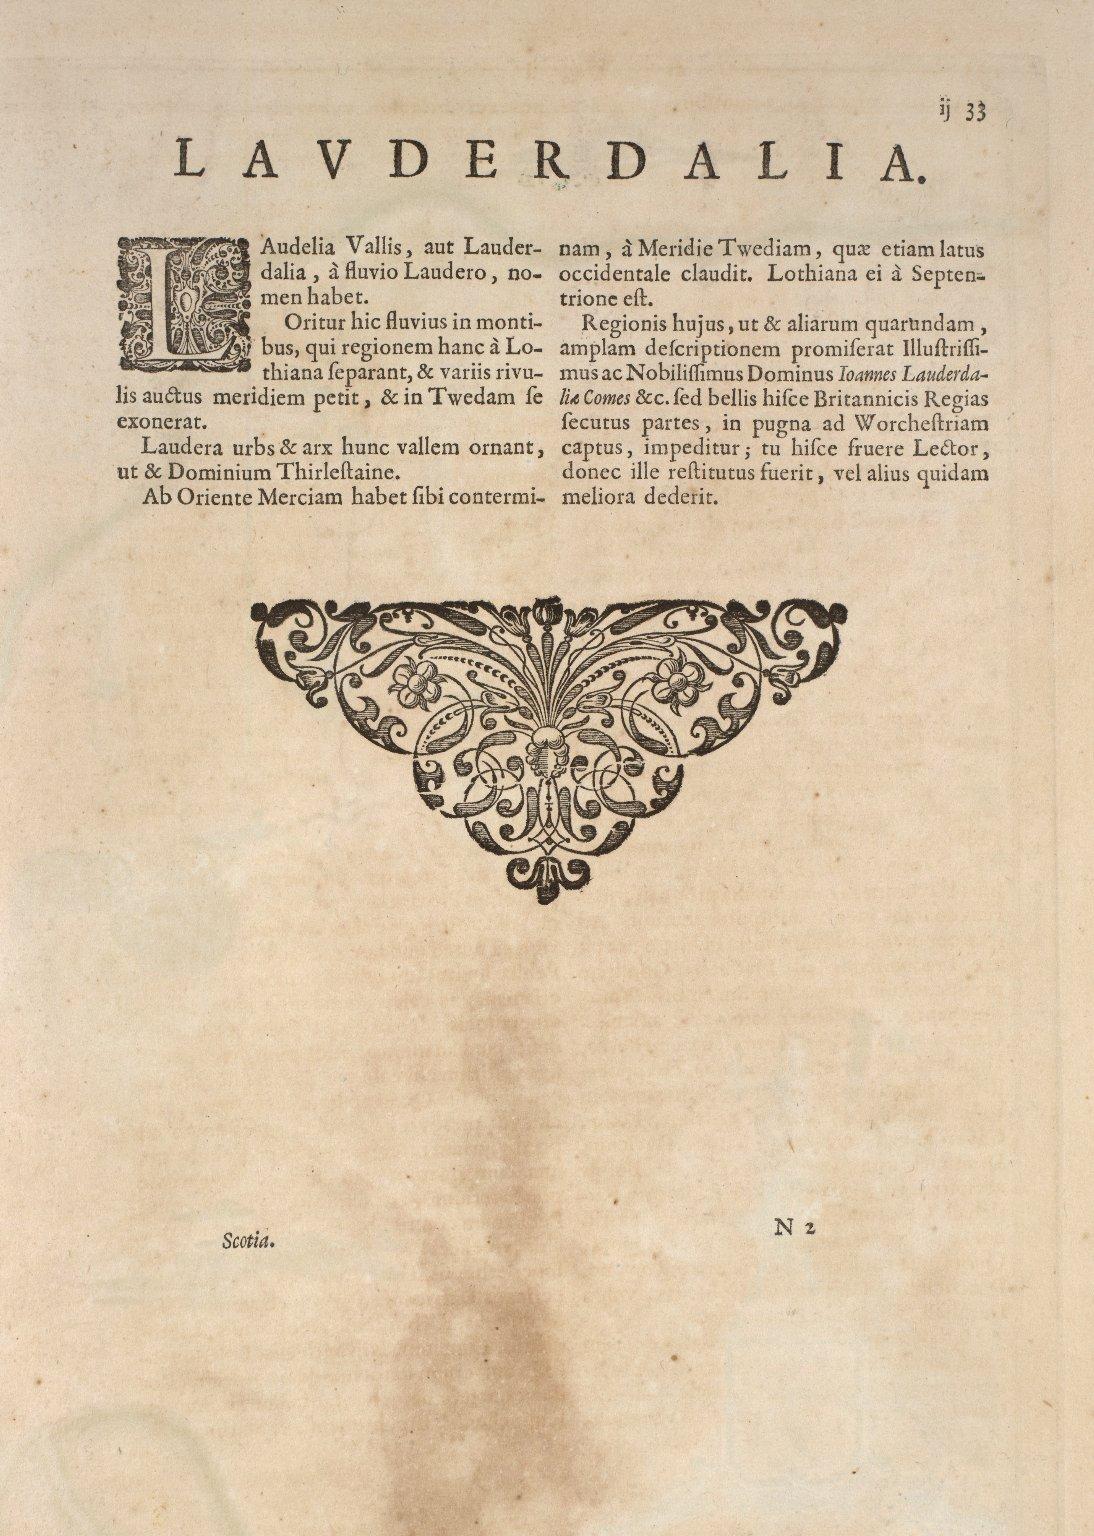 Laudelia sive Lauderdalia Scotis vulgo Lauderdail. [1 of 2]